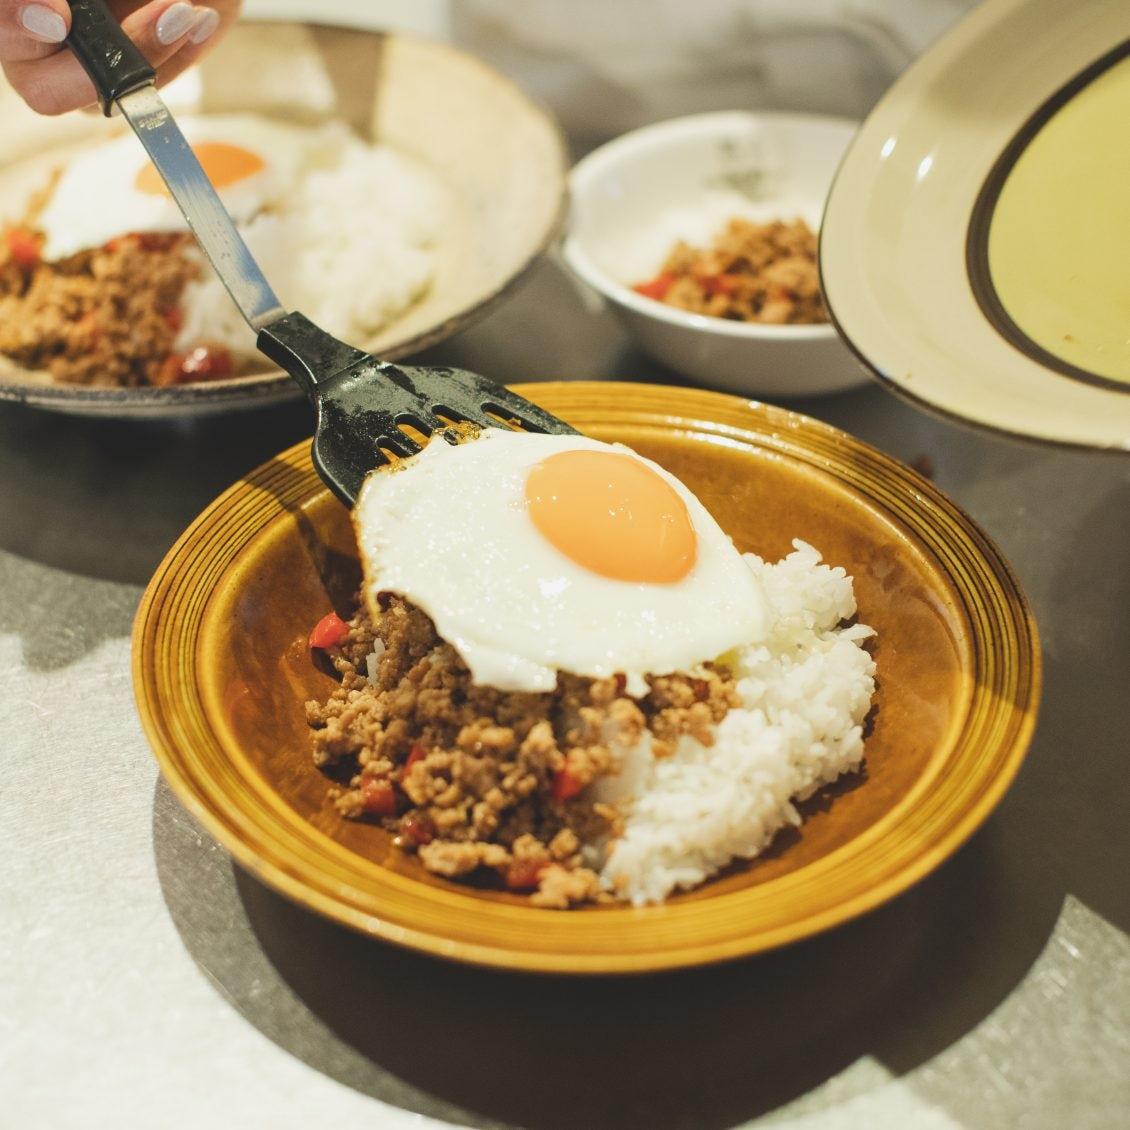 【ご飯作りをラクに】30分で3品できる! 忙しい日の夕飯どうしよう?を助けるアイテムとは